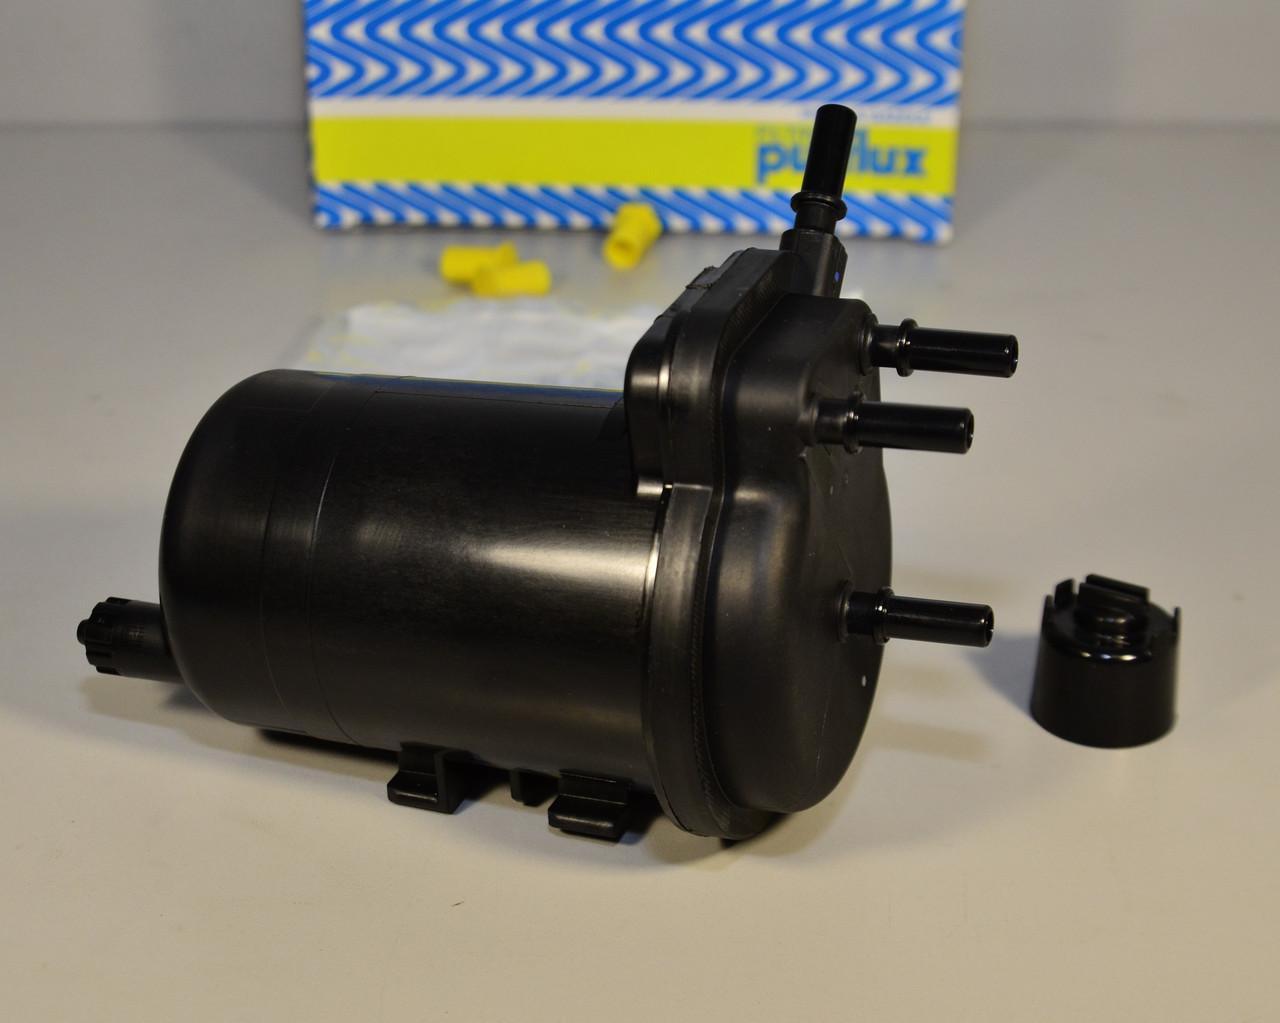 Топливный фильтр (с отверствием под датчик воды + заглушка)  на Renault Kangoo 2001->2008 1.5dCi  — PX FCS748